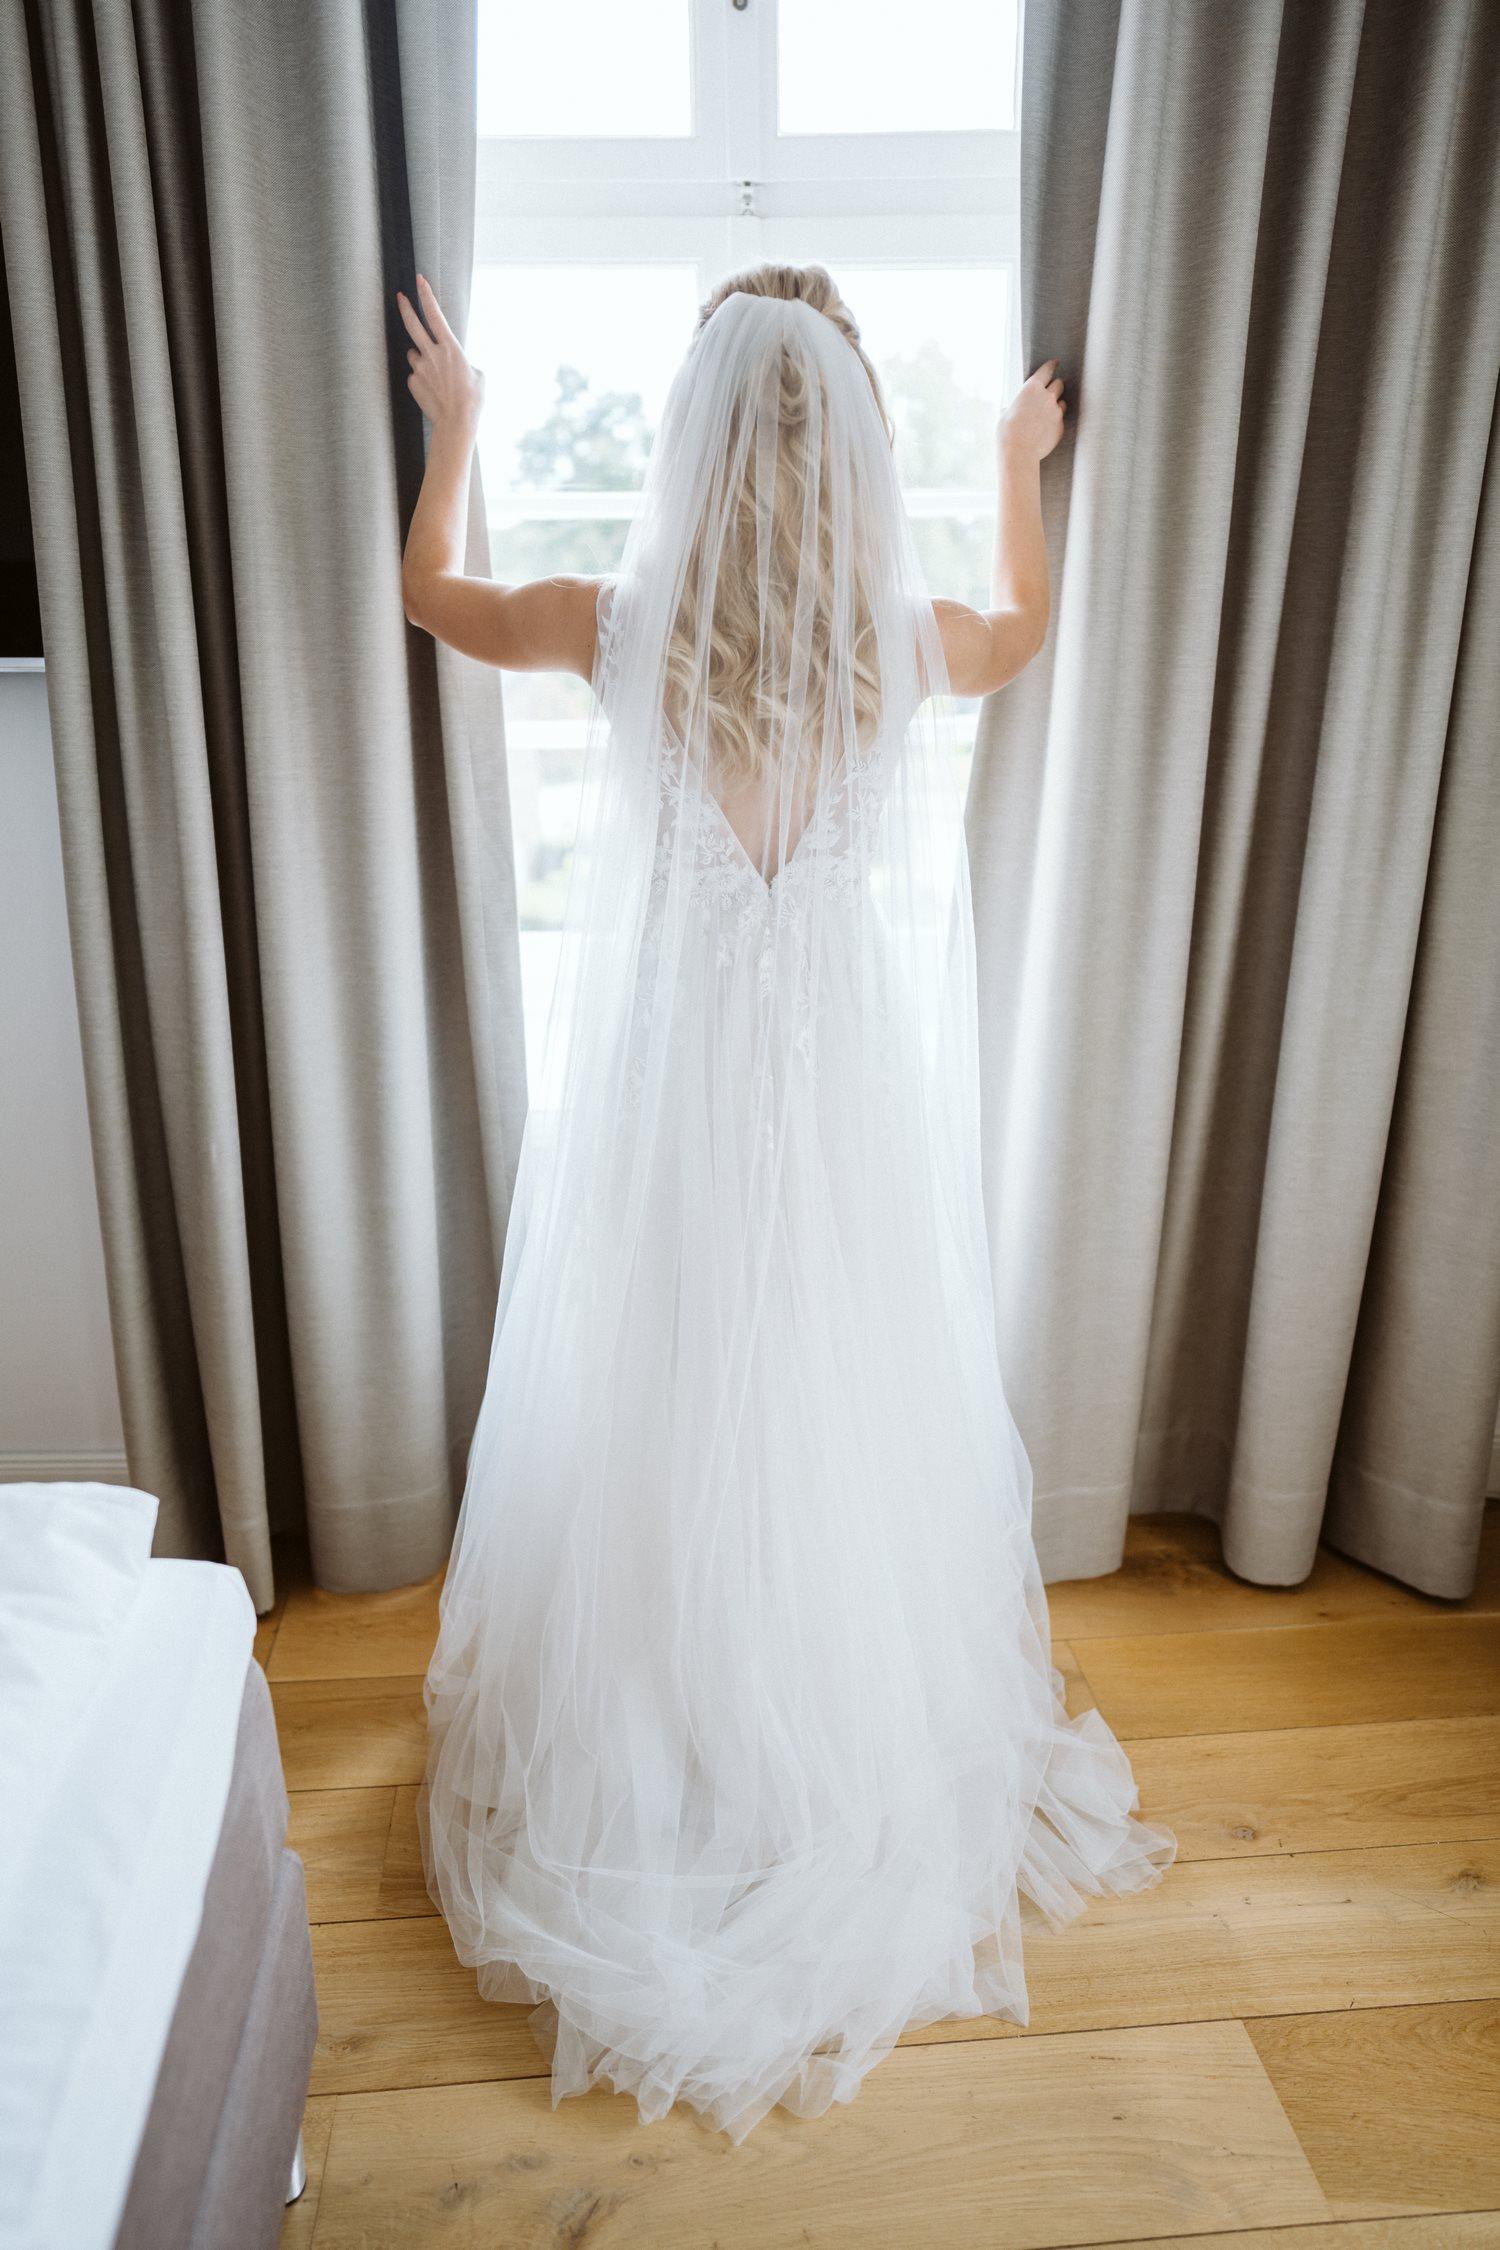 Vorbereitungen der Braut bei der Hochzeit – gesehen bei frauimmer-herrewig.de